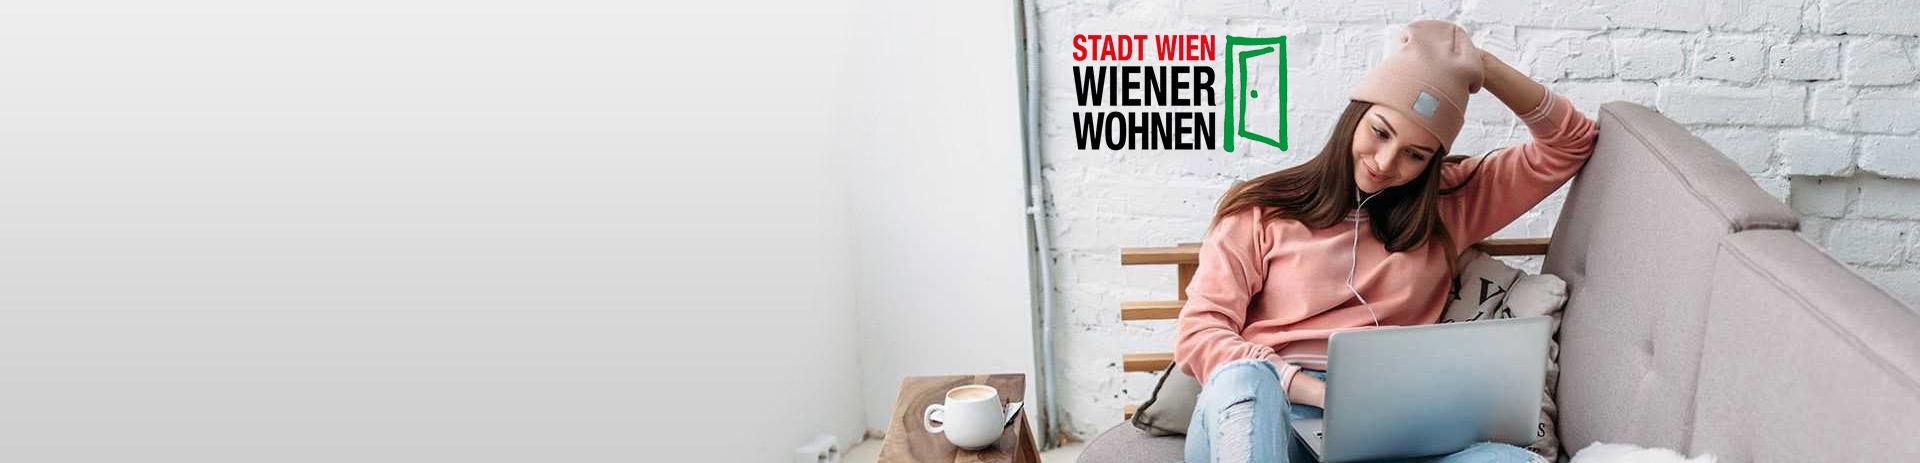 A1 Internet Aktion Wiener Wohnen